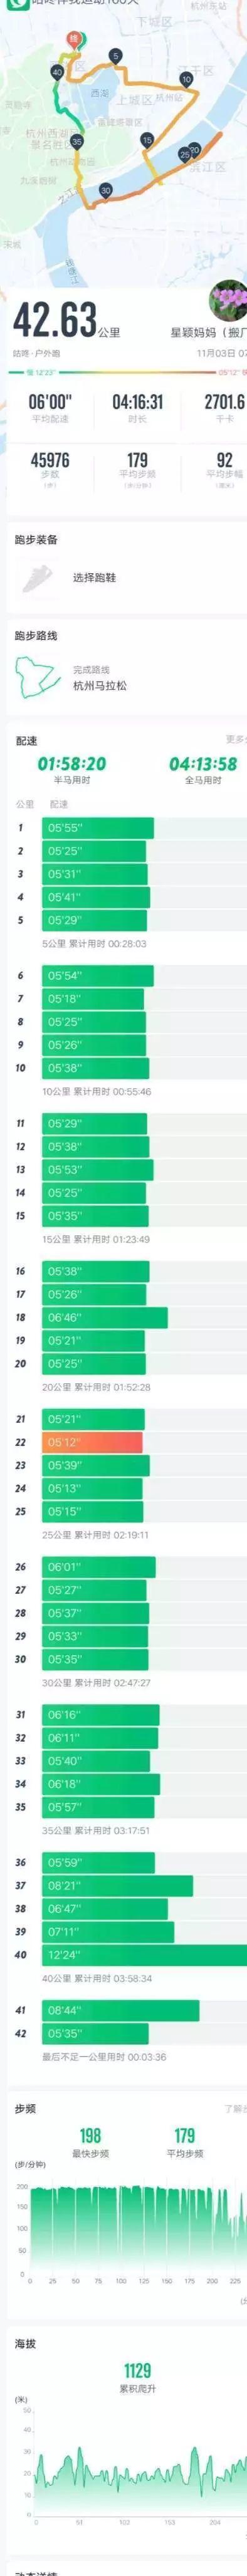 跑友分享 | 2019杭马挥步林荫,幸遇秋叶胜花期